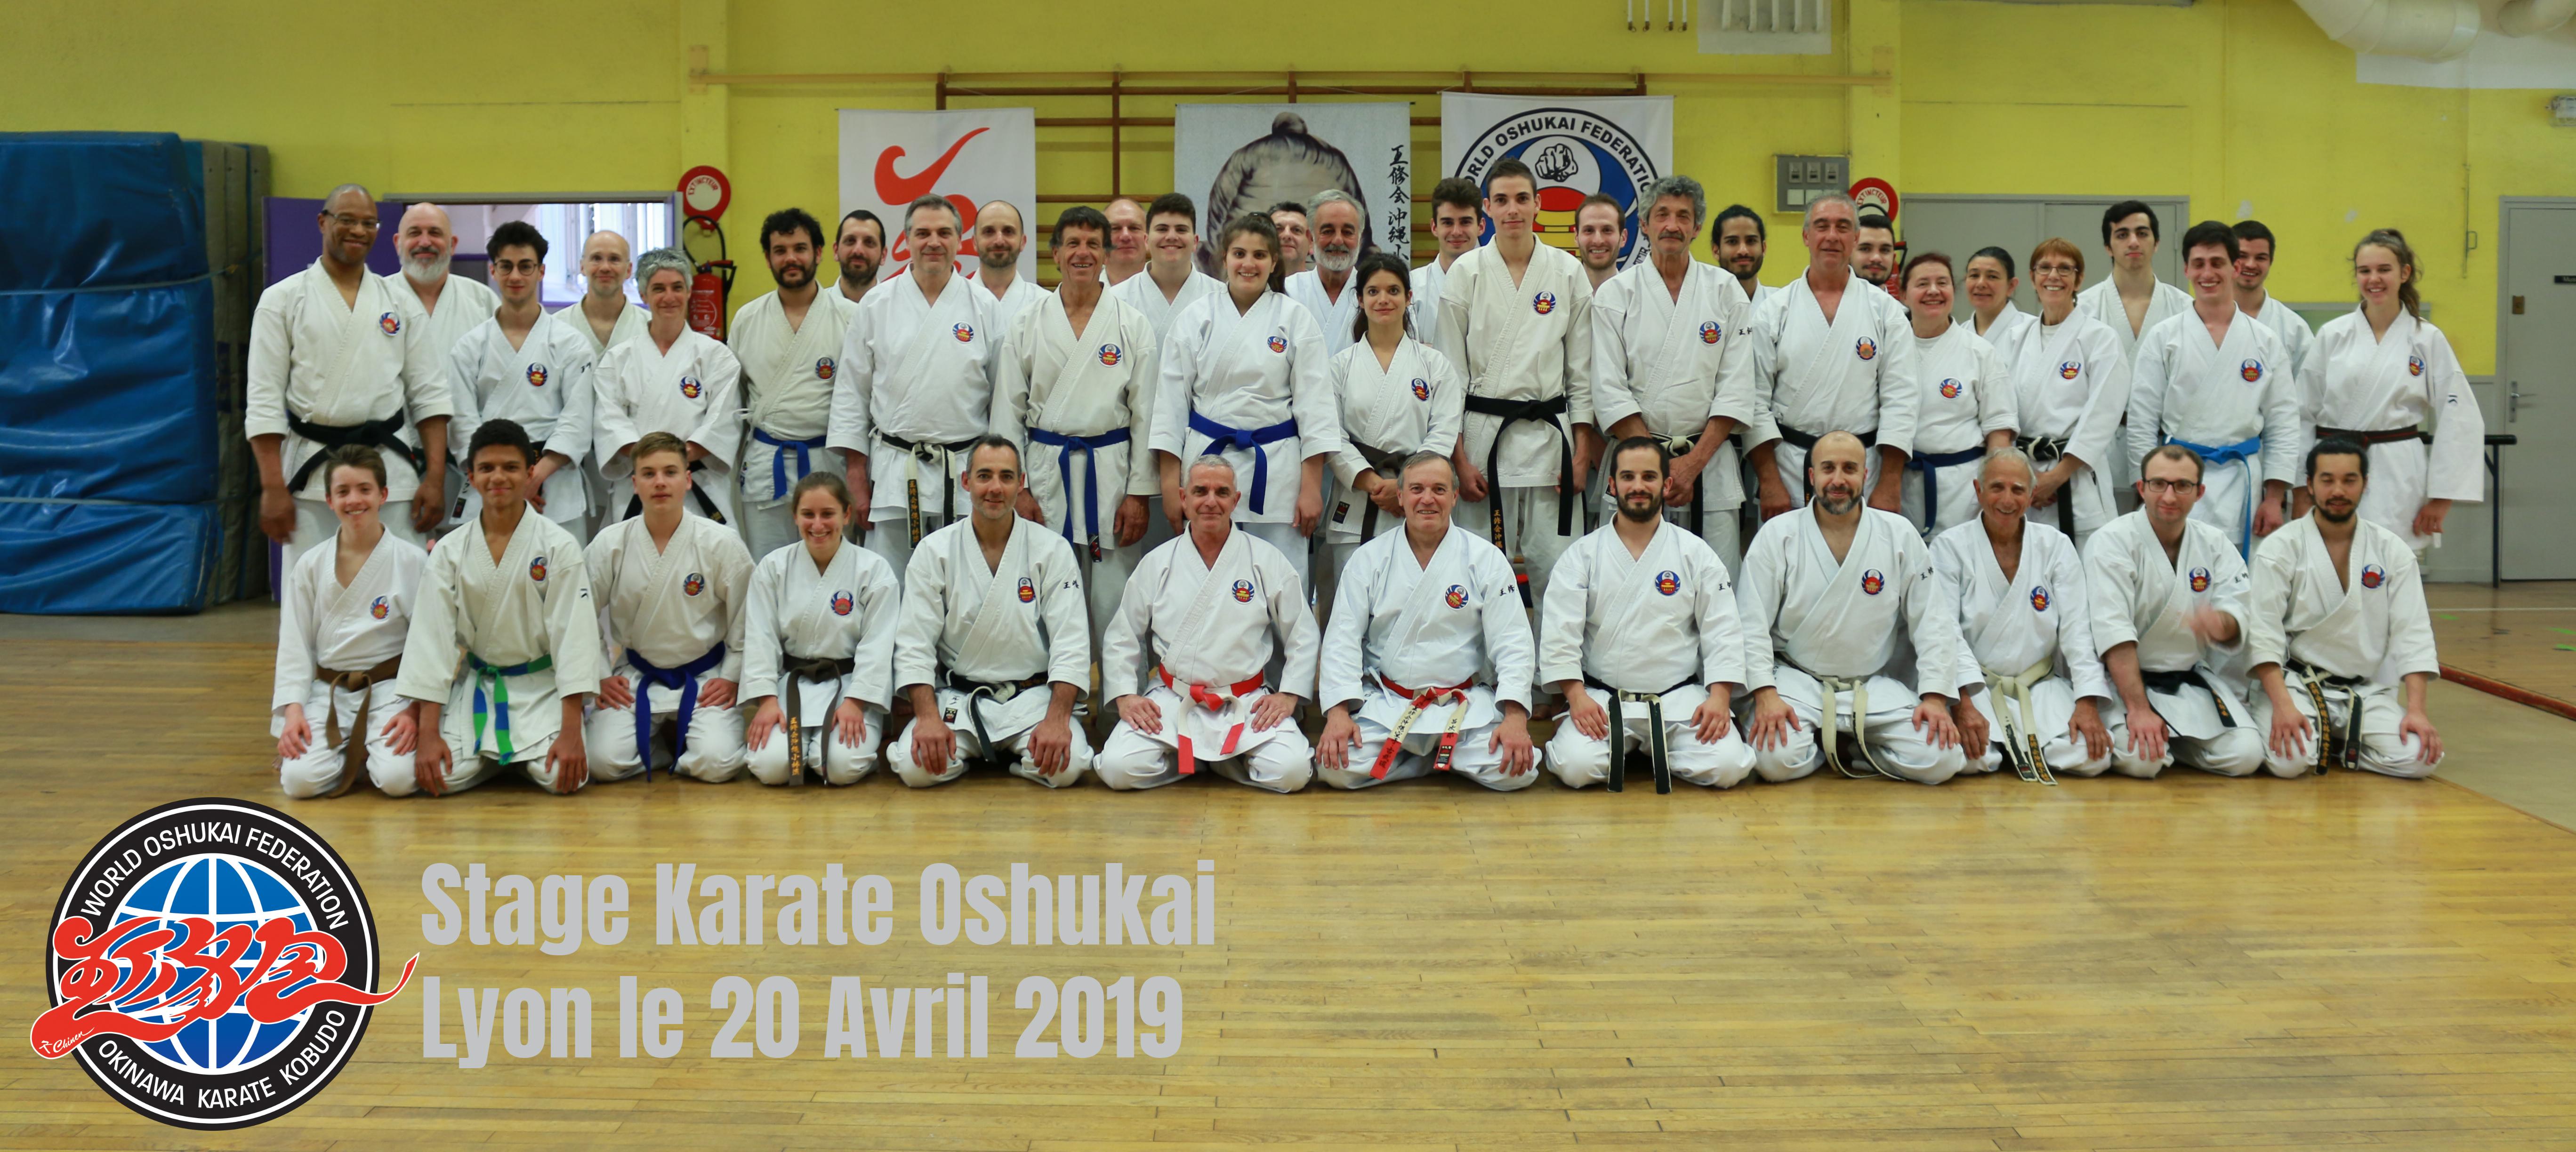 Stage Karate Oshukai Lyon